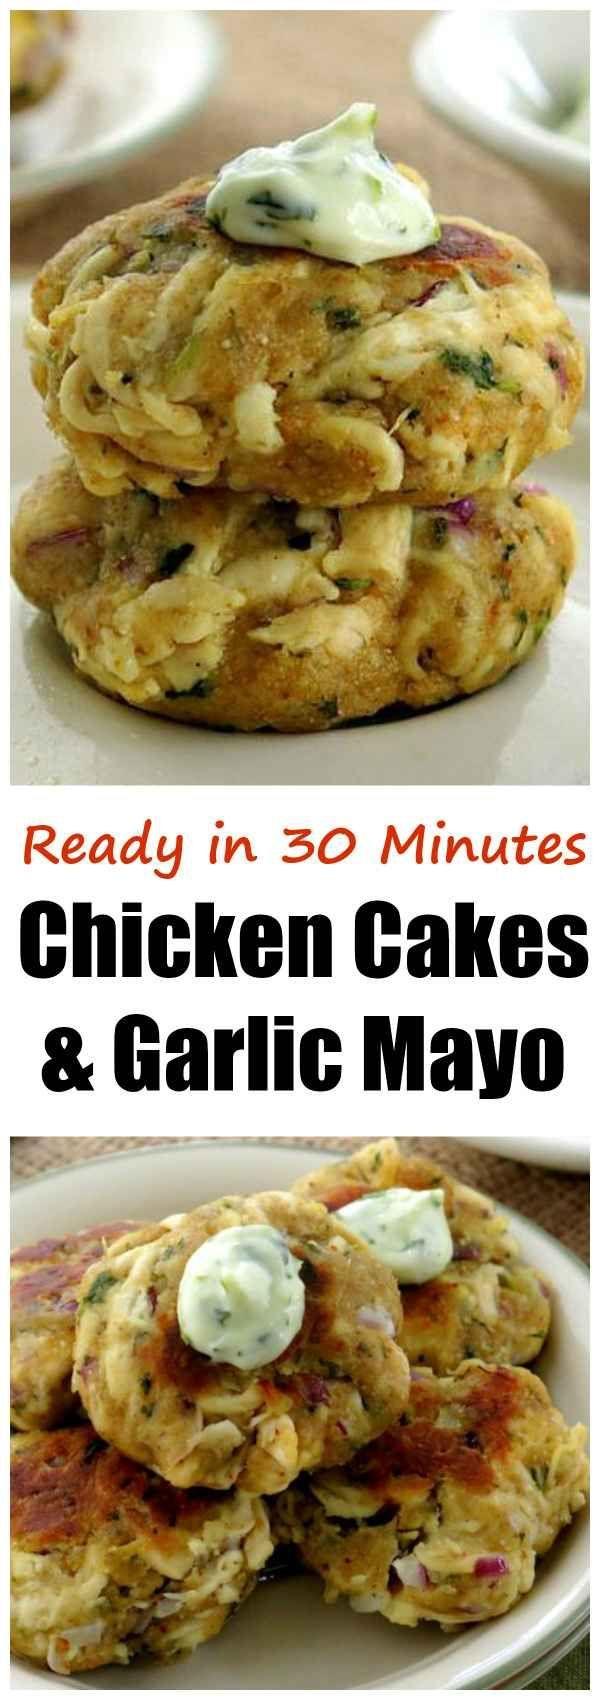 Chicken Cakes With Cilantro Garlic Mayo Recipe Chicken Recipes Chicken Cake Recipes Using